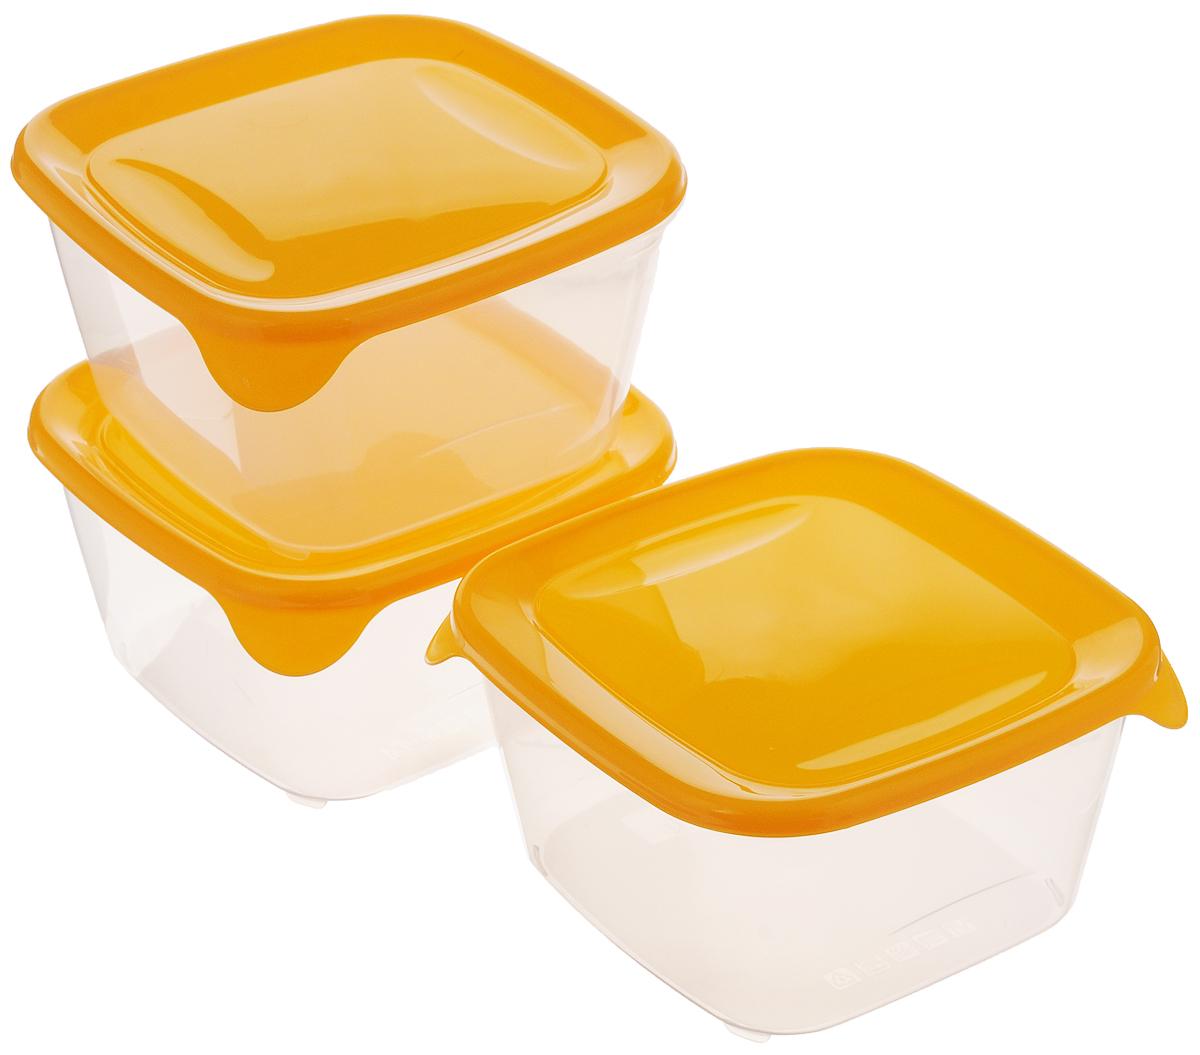 Набор контейнеров для СВЧ Curver Fresh & Go, цвет: оранжевый, прозрачный, 1,2 л, 3 шт8560_оранжевый, прозрачныйНабор Curver Fresh & Go состоит из 3 квадратных контейнеров с плотно закрывающимися цветными крышками. Предметы набора изготовлены из высококачественного пищевого пластика (BPA free), который выдерживает температуру от -40°С до +100°С. Стенки контейнеров прозрачные. Такой набор удобно брать с собой на работу, учебу, пикник или просто использовать для хранения пищи в холодильнике. Можно использовать в микроволновой печи и для заморозки в морозильной камере. Можно мыть в посудомоечной машине. Размер контейнера (без учета крышки): 15 х 15 х 8,2 см.